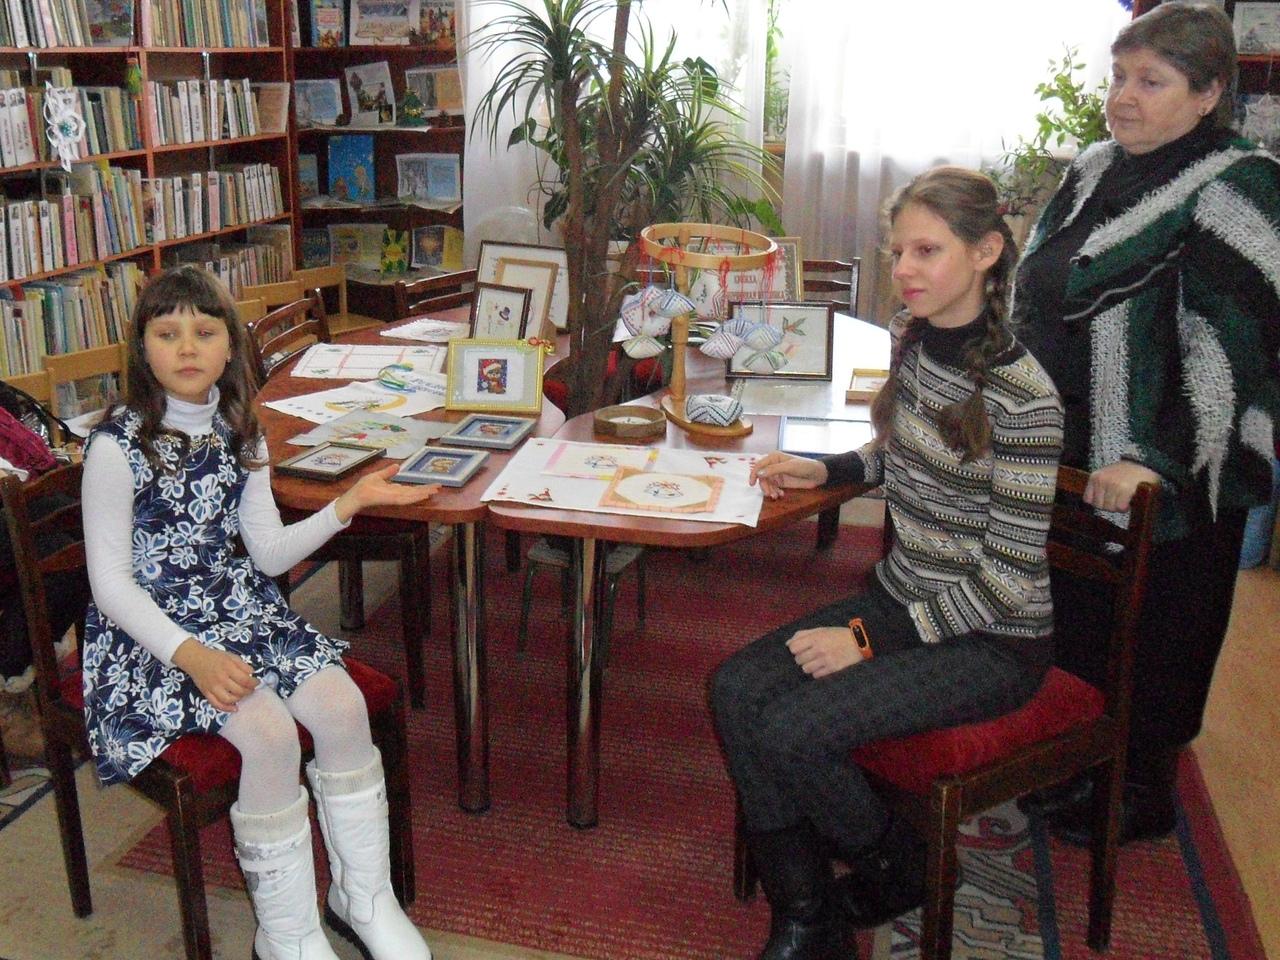 донецкая республиканская библиотека для детей, отдел искусств, кружок художественная вышивка, выставка детских работ